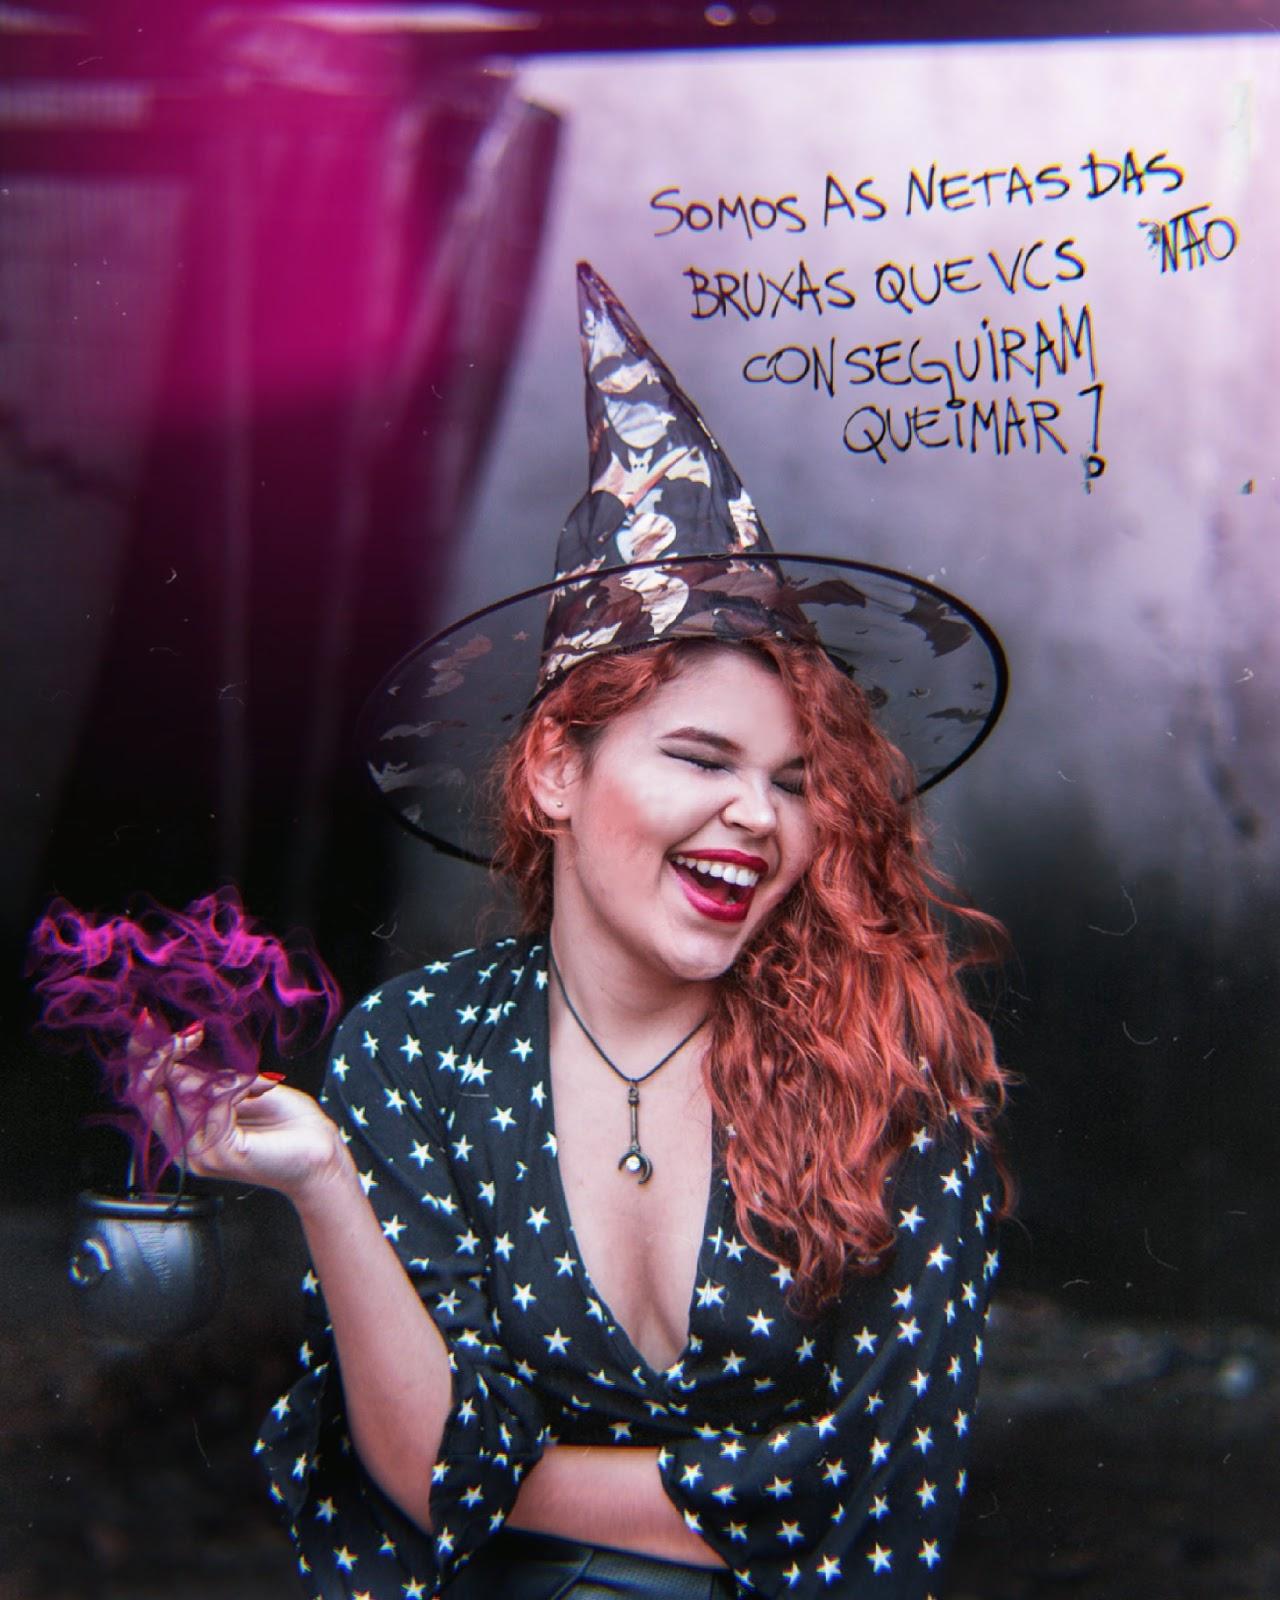 dia das bruxas, halloween, de onde surgiu o termo bruxa, fantasia de ultima hora, fantasia de bruxa usando o que tem em casa, blusa de estrelas, chapéu de morcegos, caldeirão com poção mágica, ruiva e gato preto